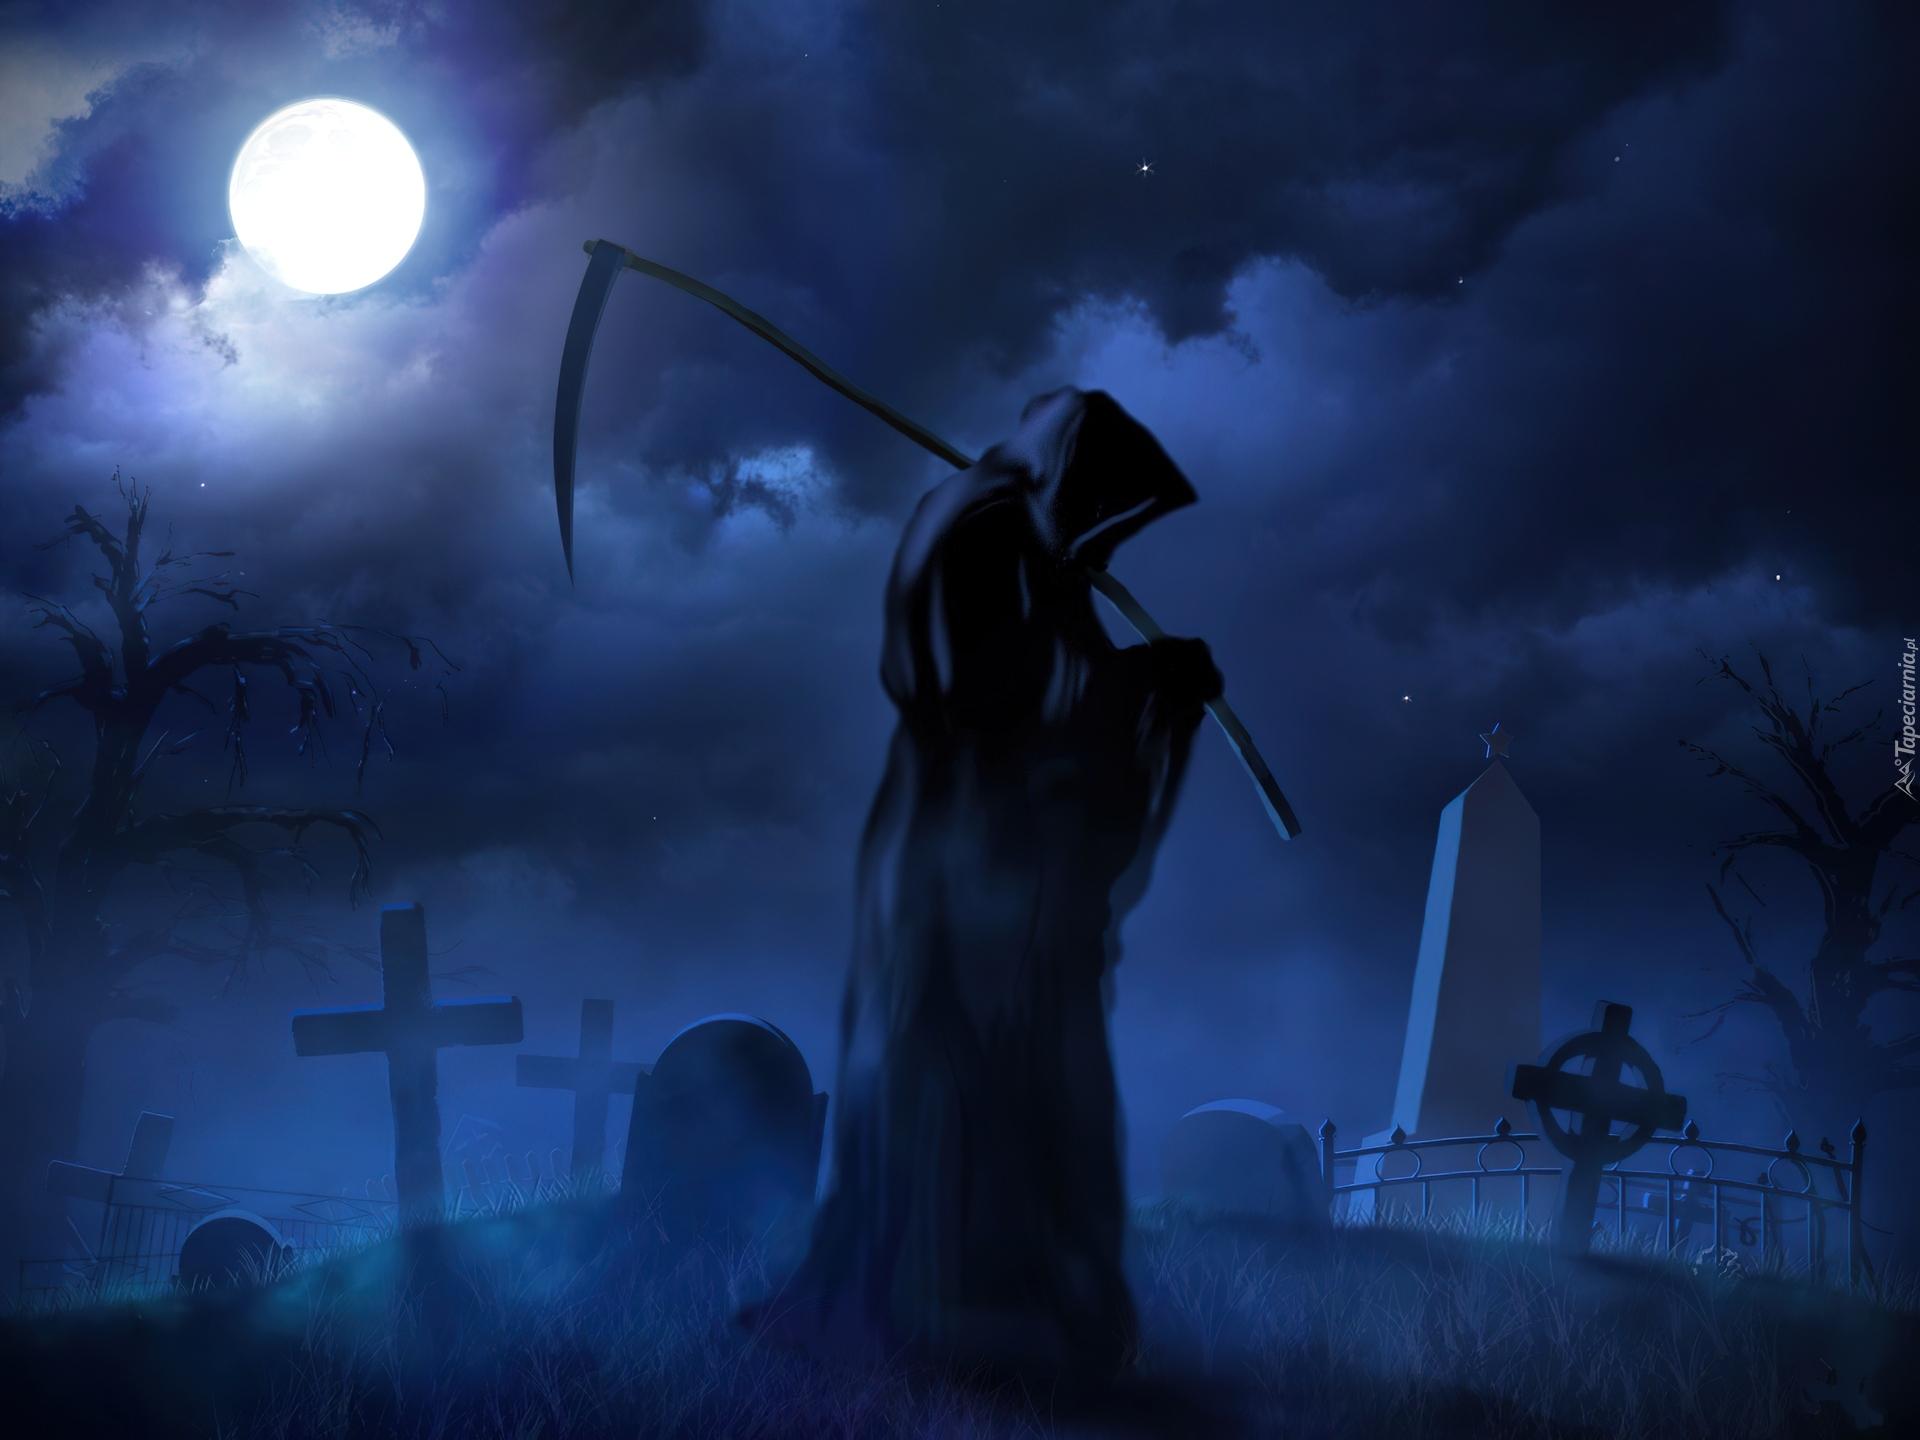 Noc, Cmentarz, Śmierć